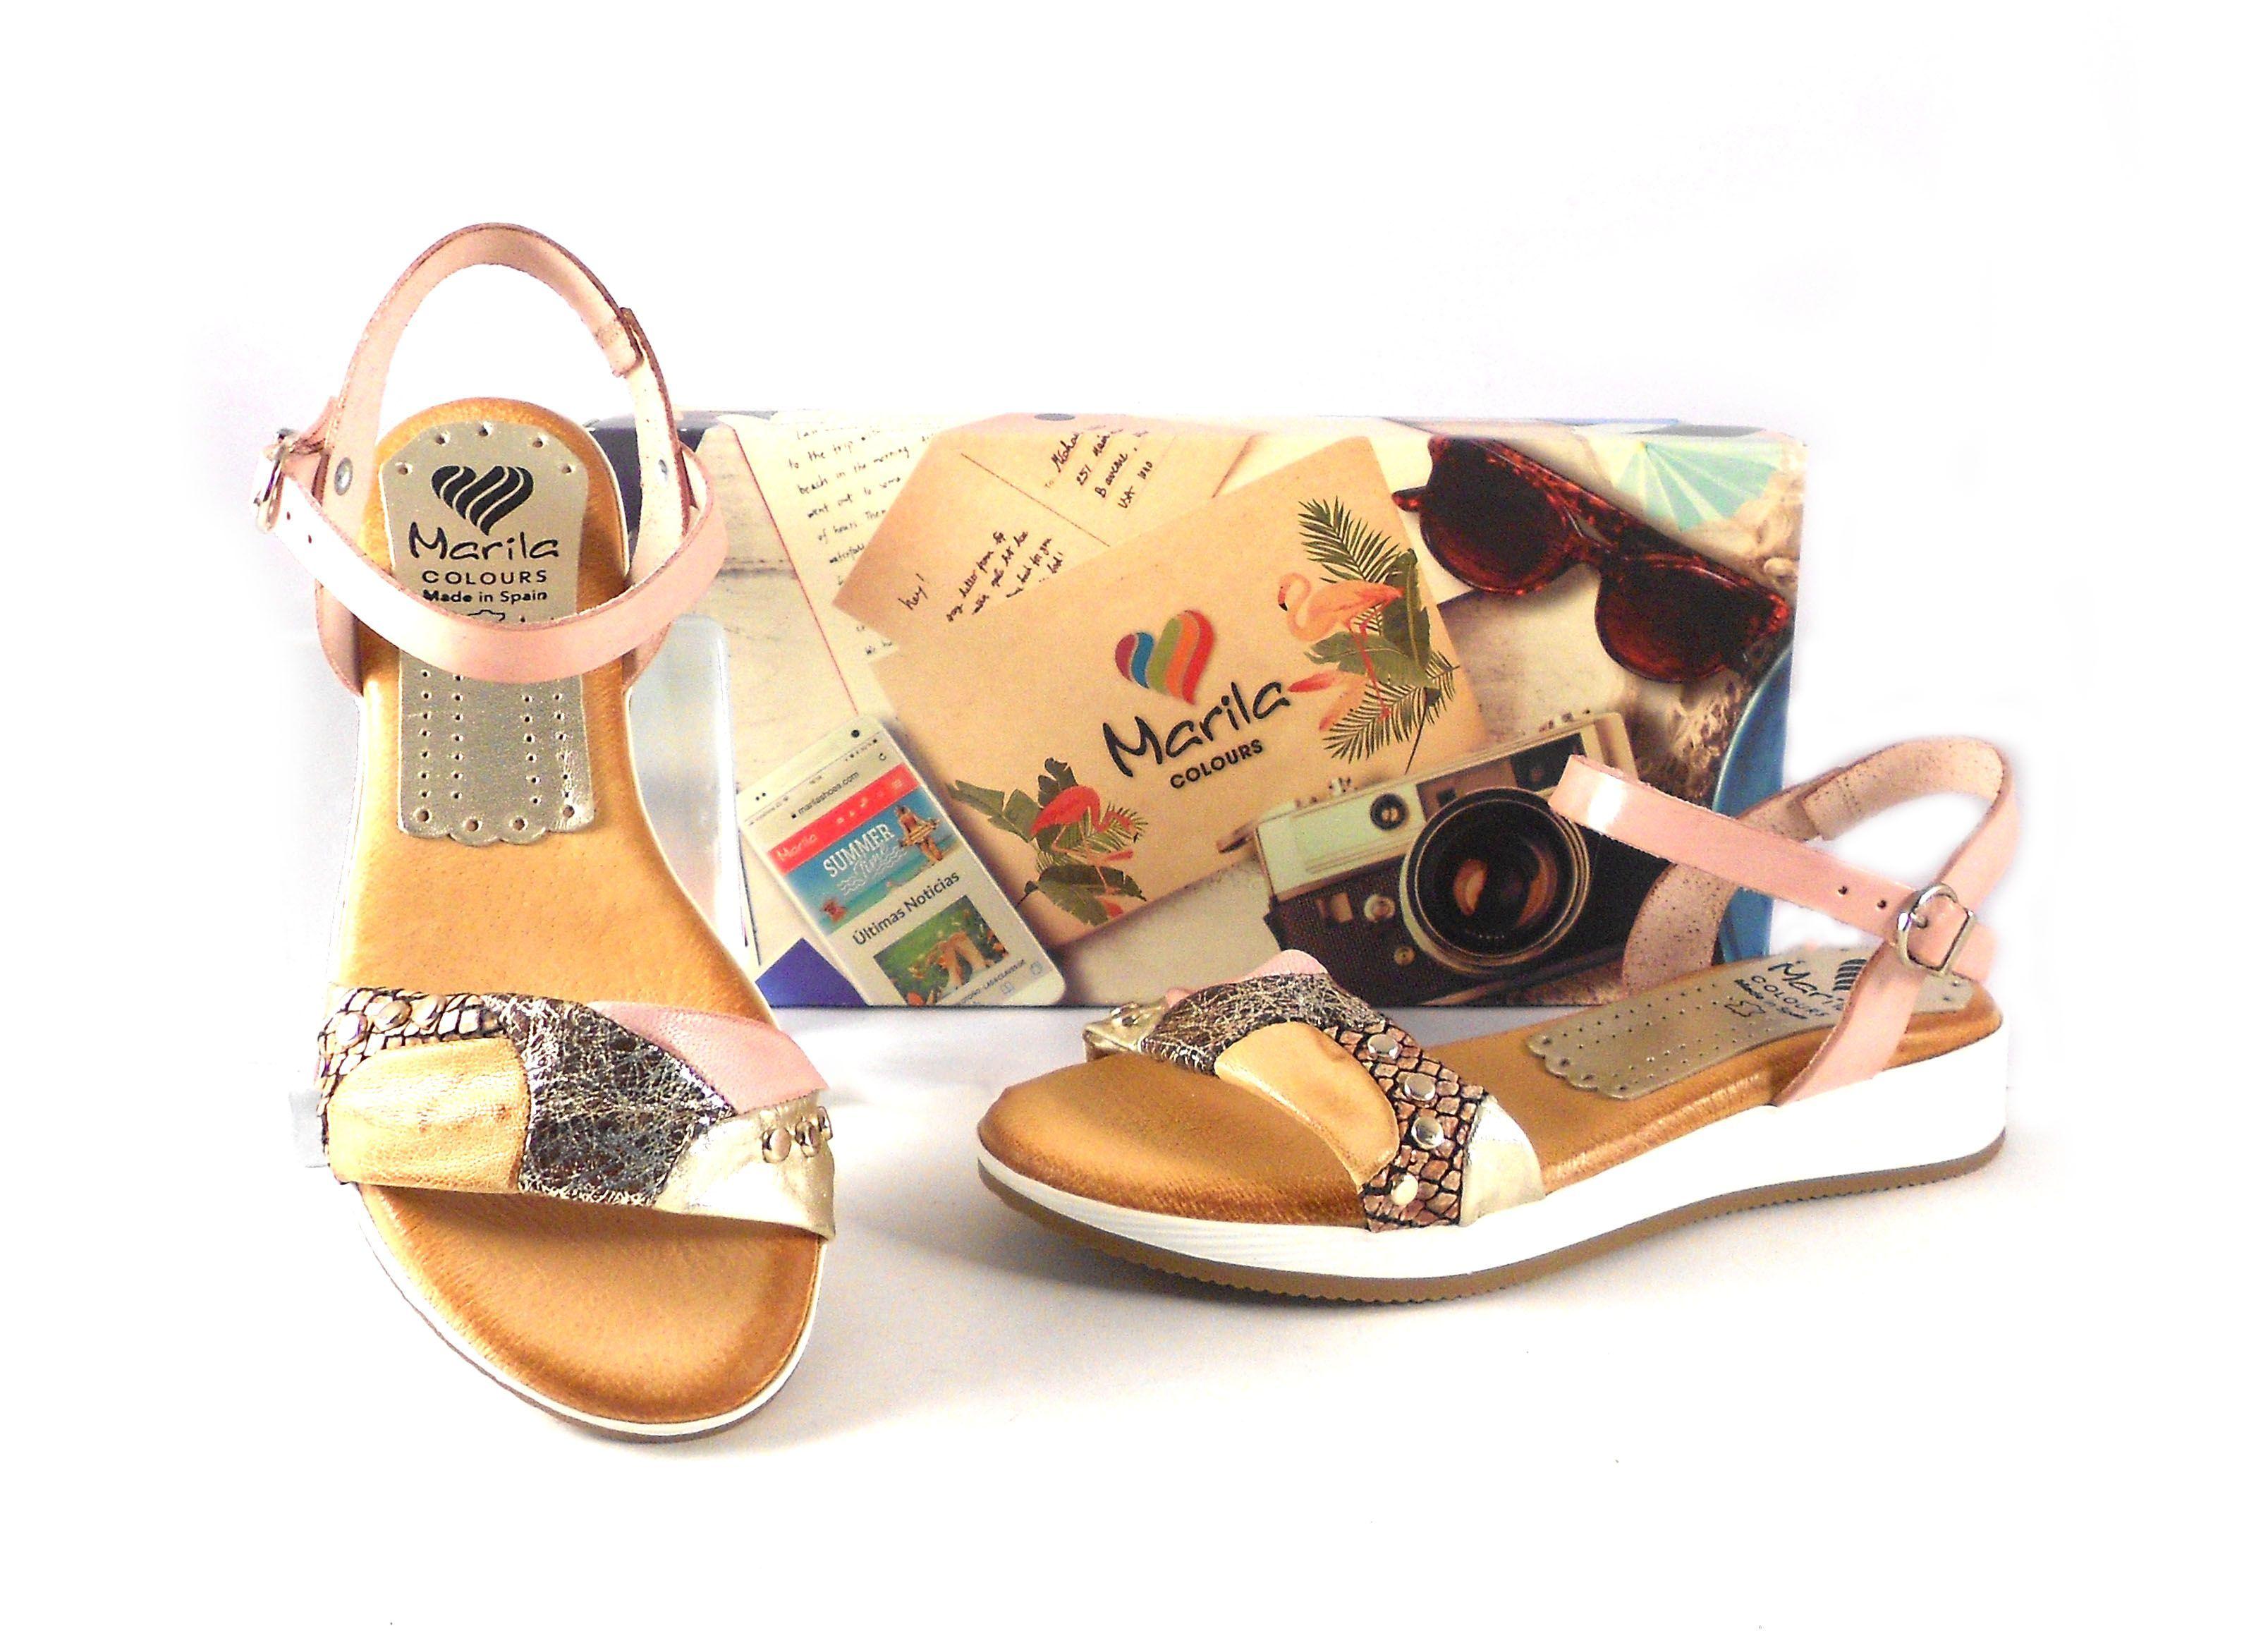 Planas Sandalias Shoes Combinadas N411 Rosas Marila A35RSc4Lqj